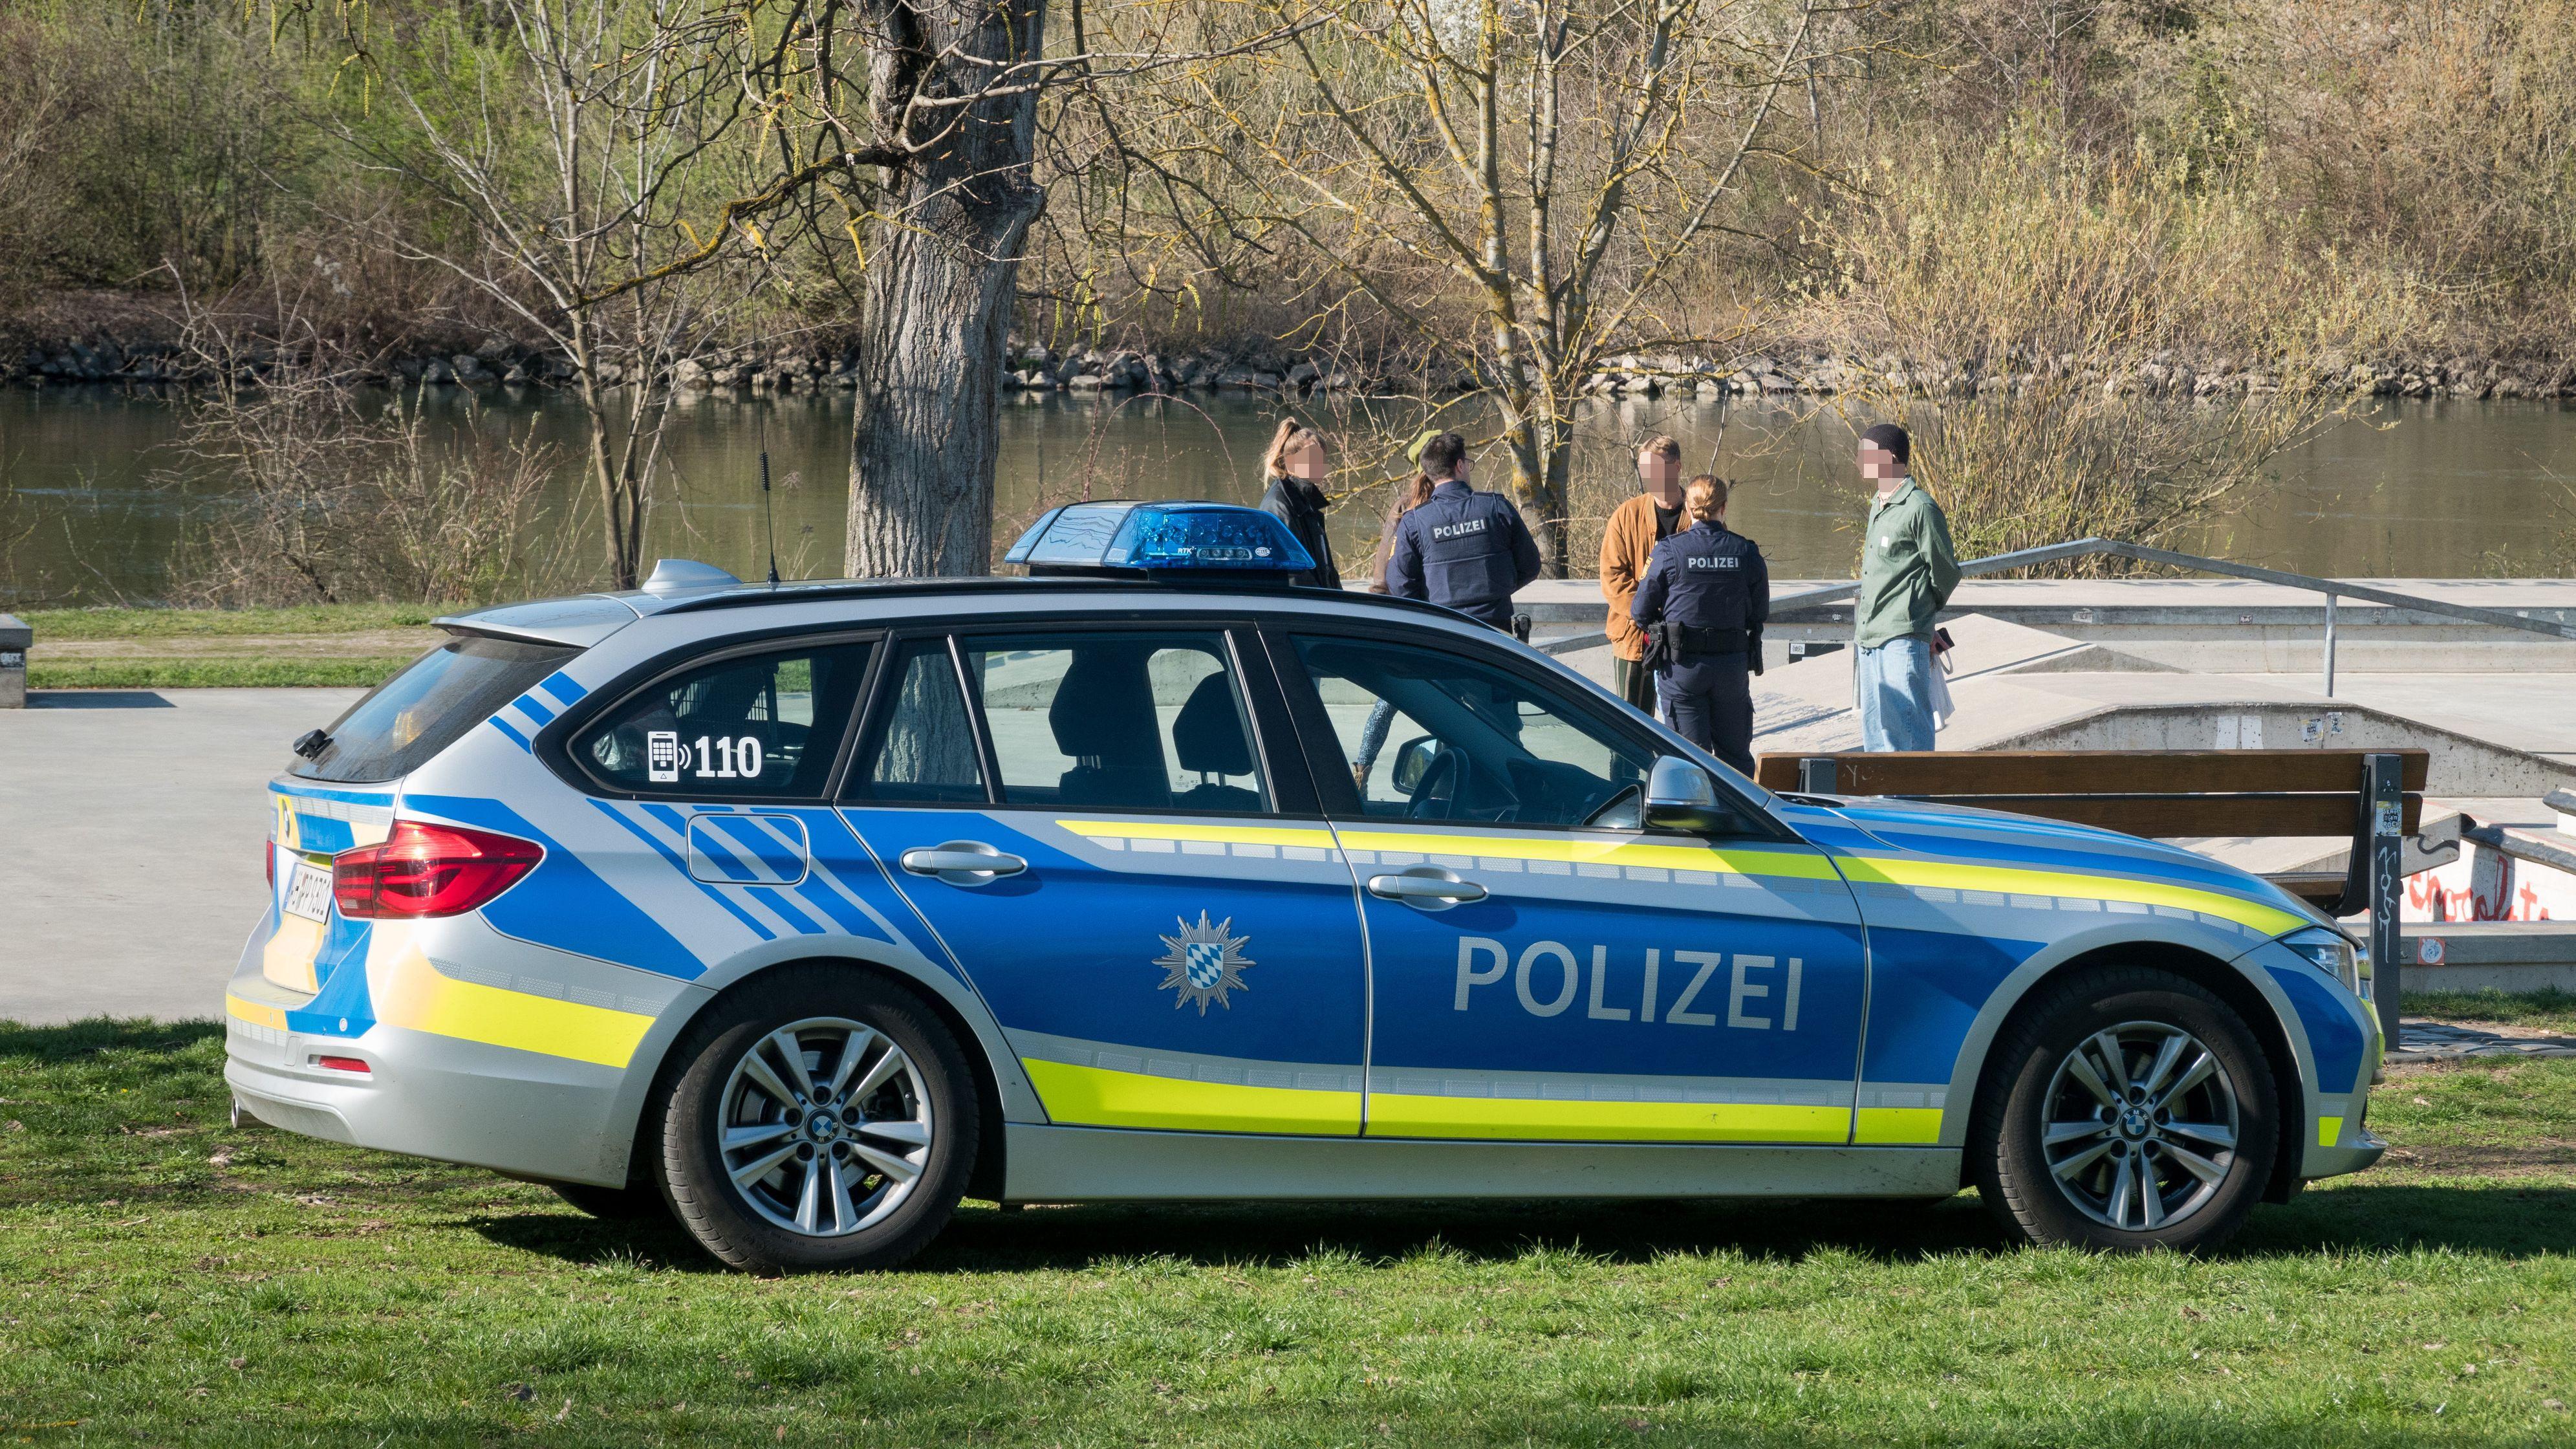 Die Polizei kontrolliert mit zahlreichen Streifen die Ausgangsbeschränkungen der Bayerischen Staatsregierung